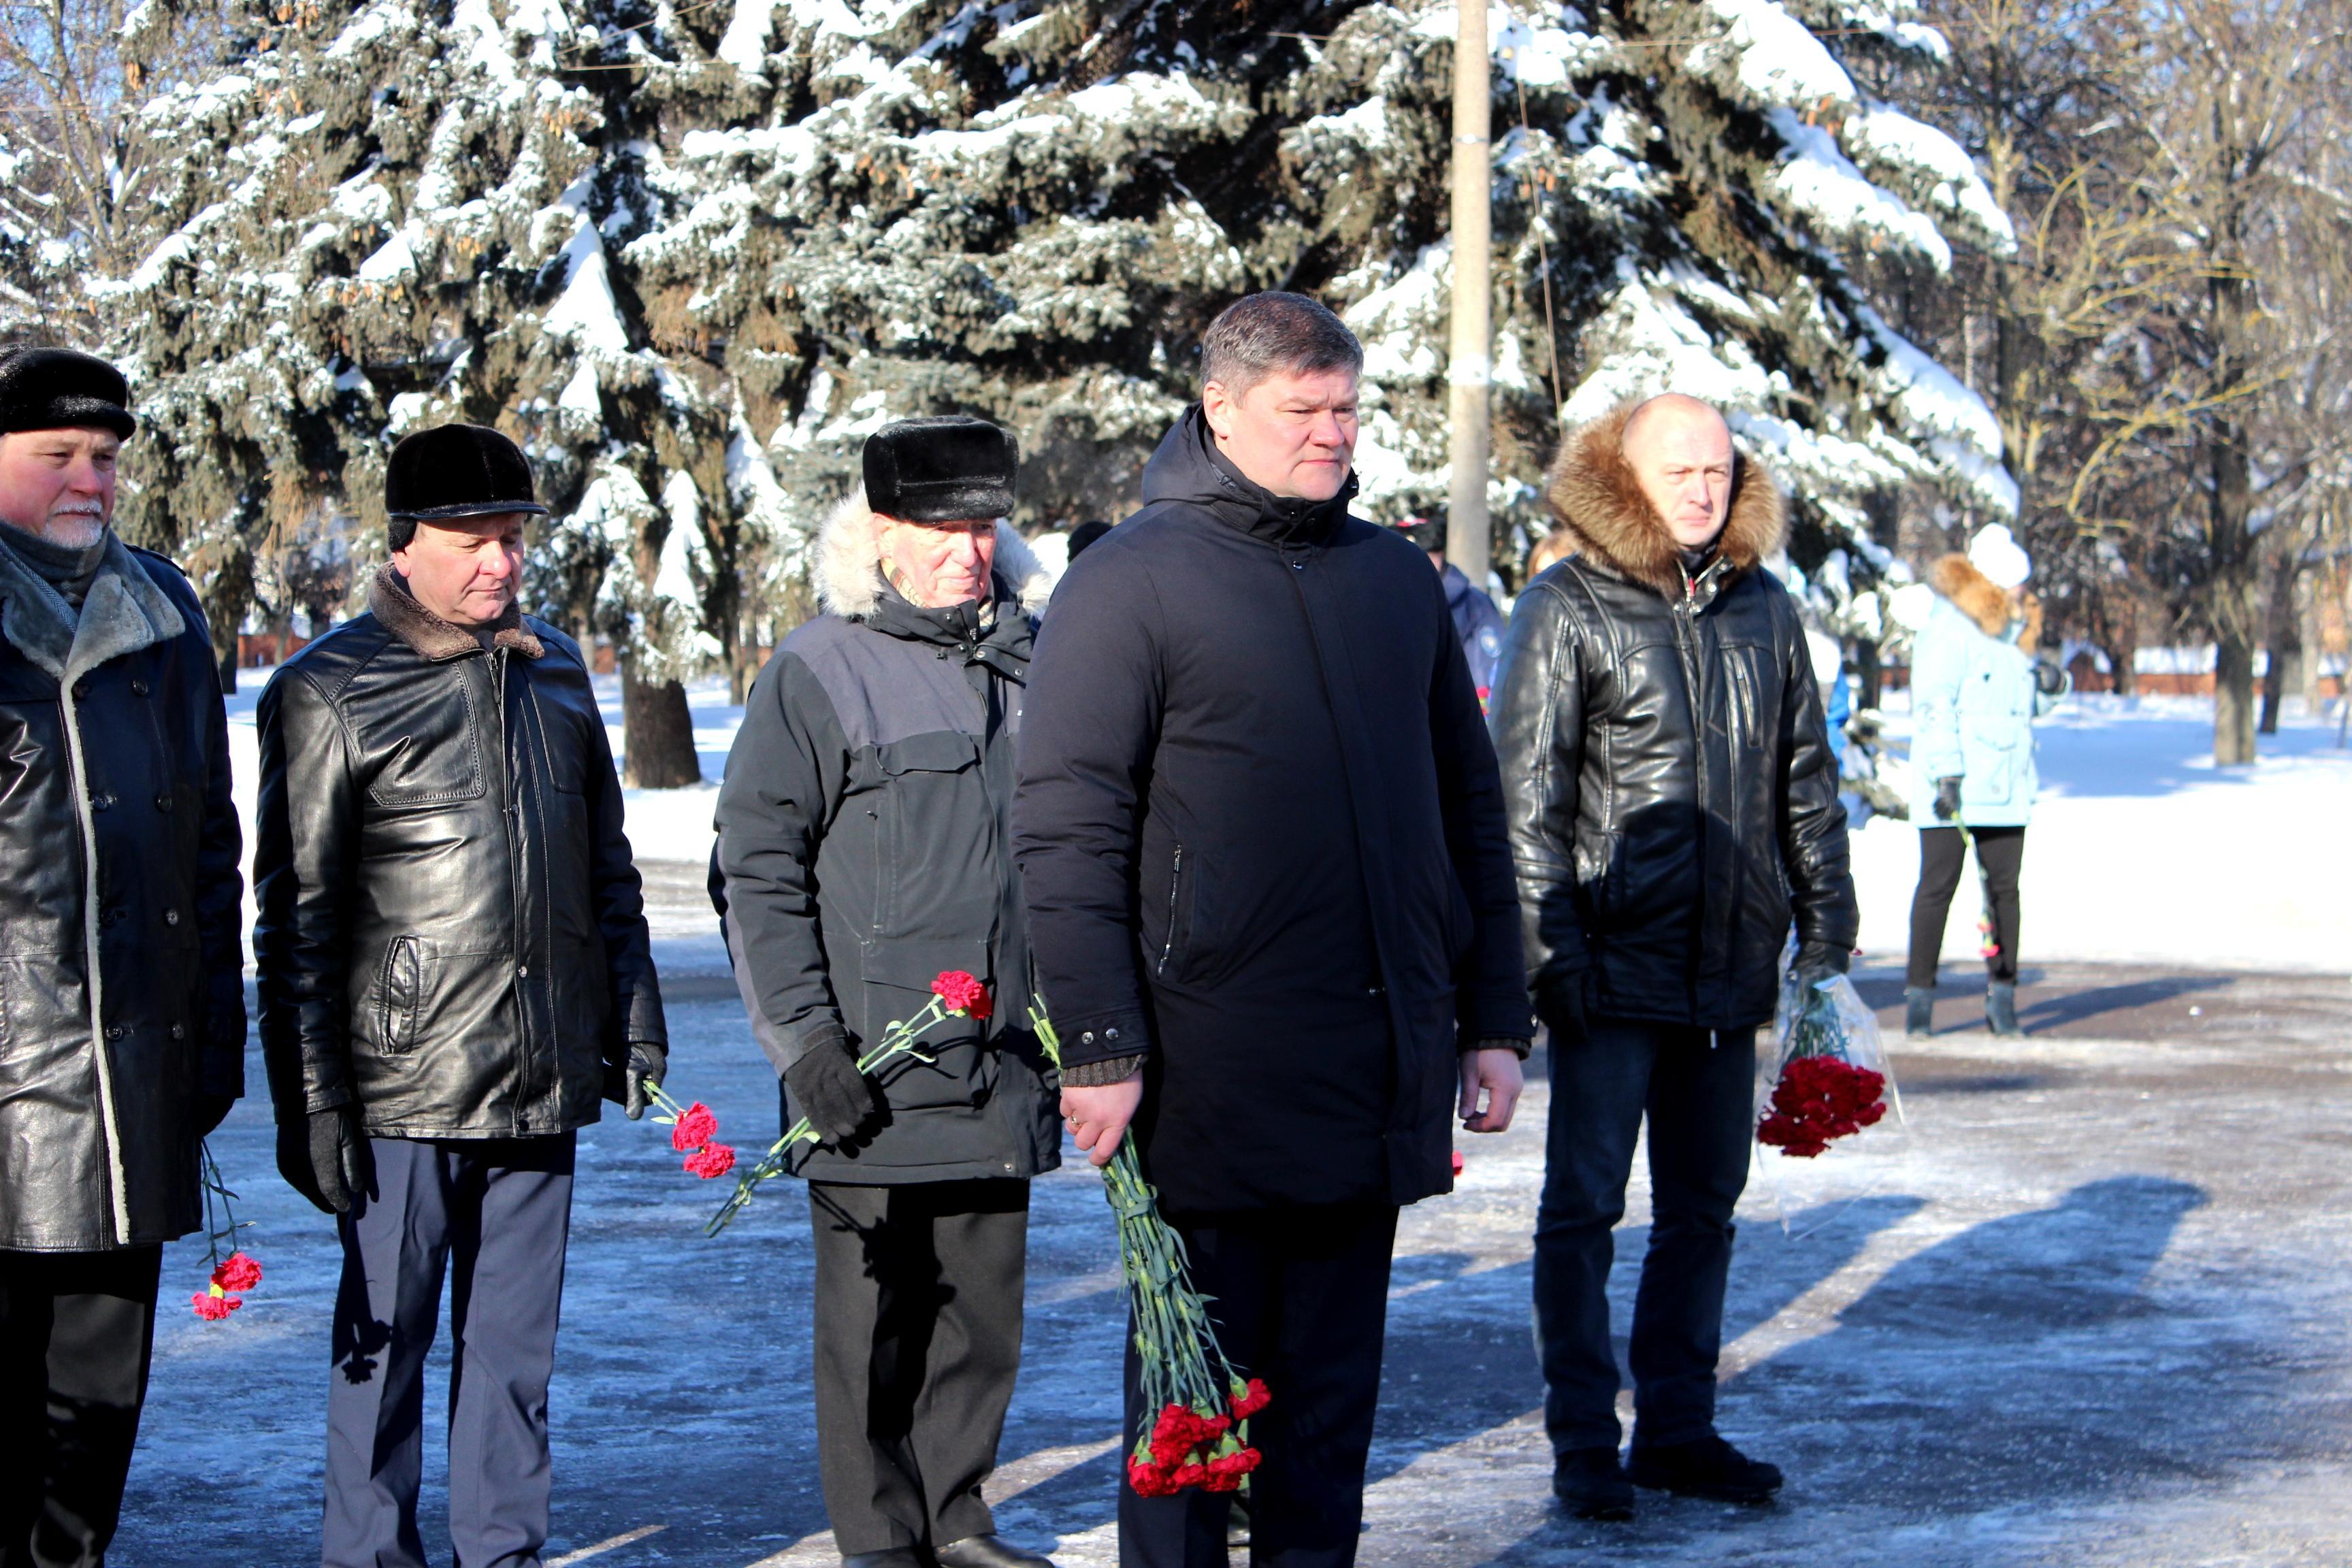 1614090645 img 6883 - В День защитника Отечества в Коломне возложили цветы и венки к Вечному огню